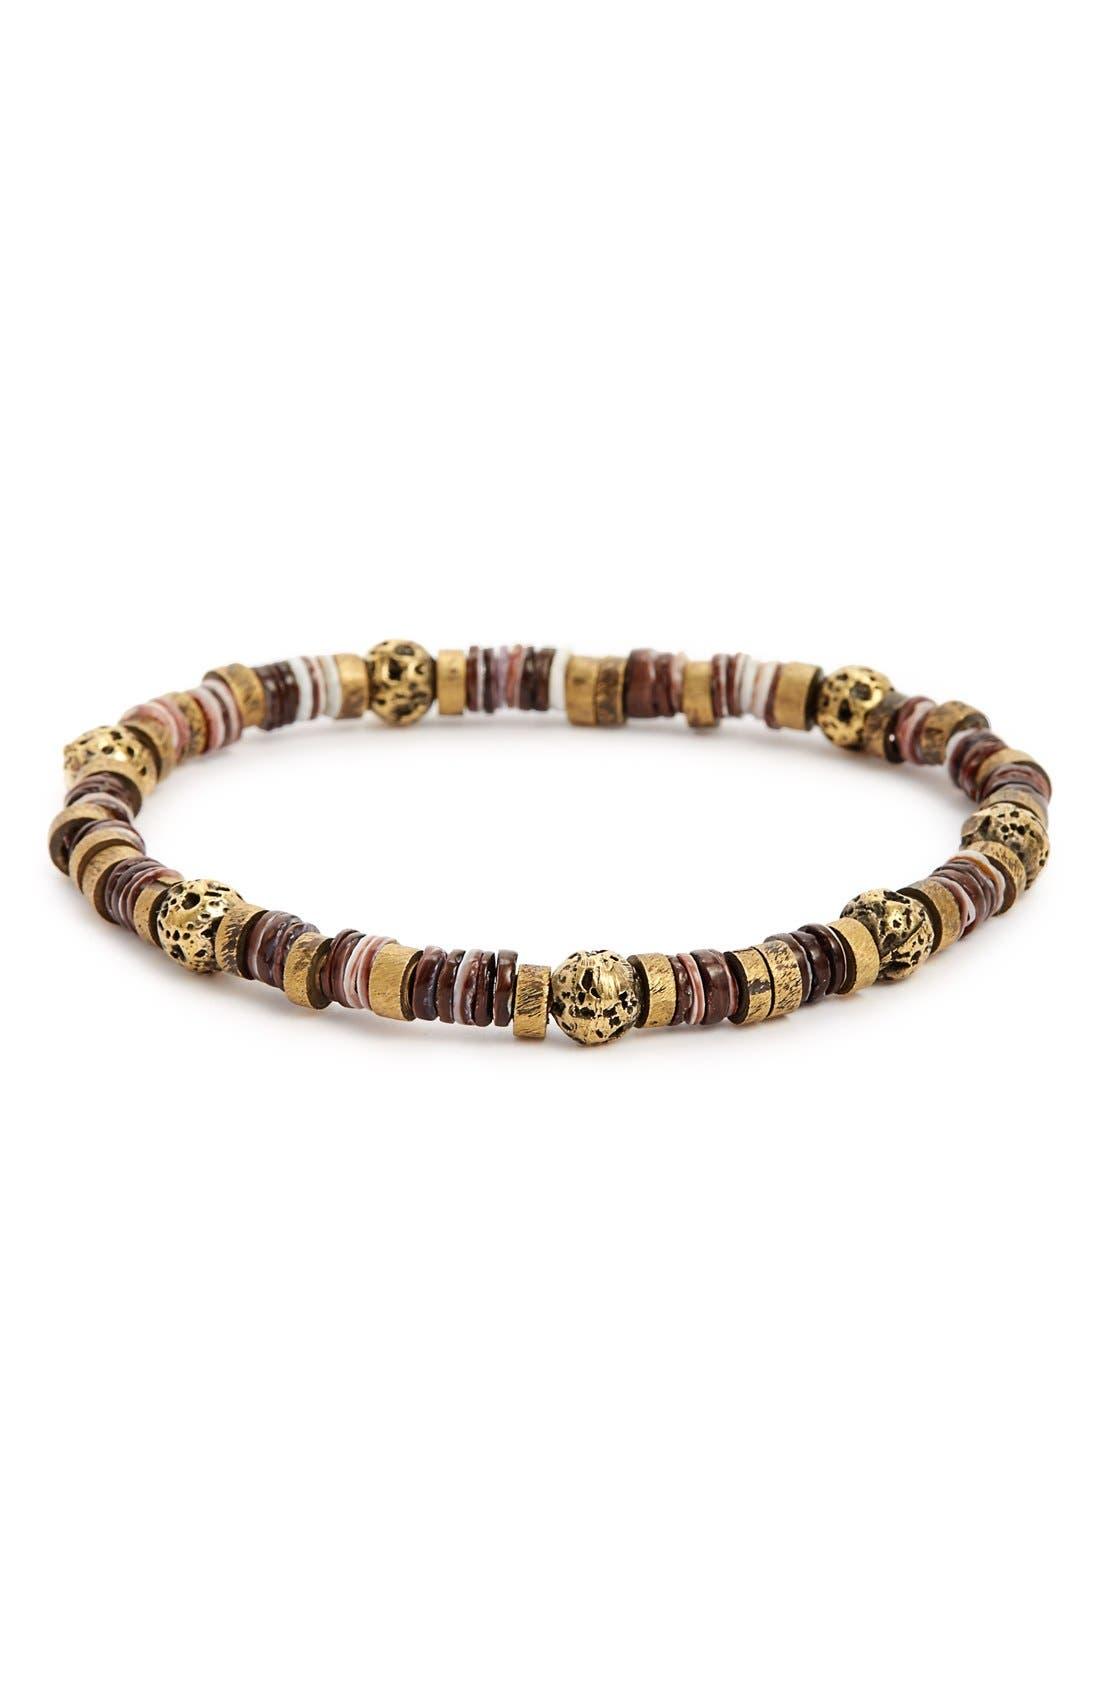 Lava Rock & Brass Bead Bracelet,                         Main,                         color, 200